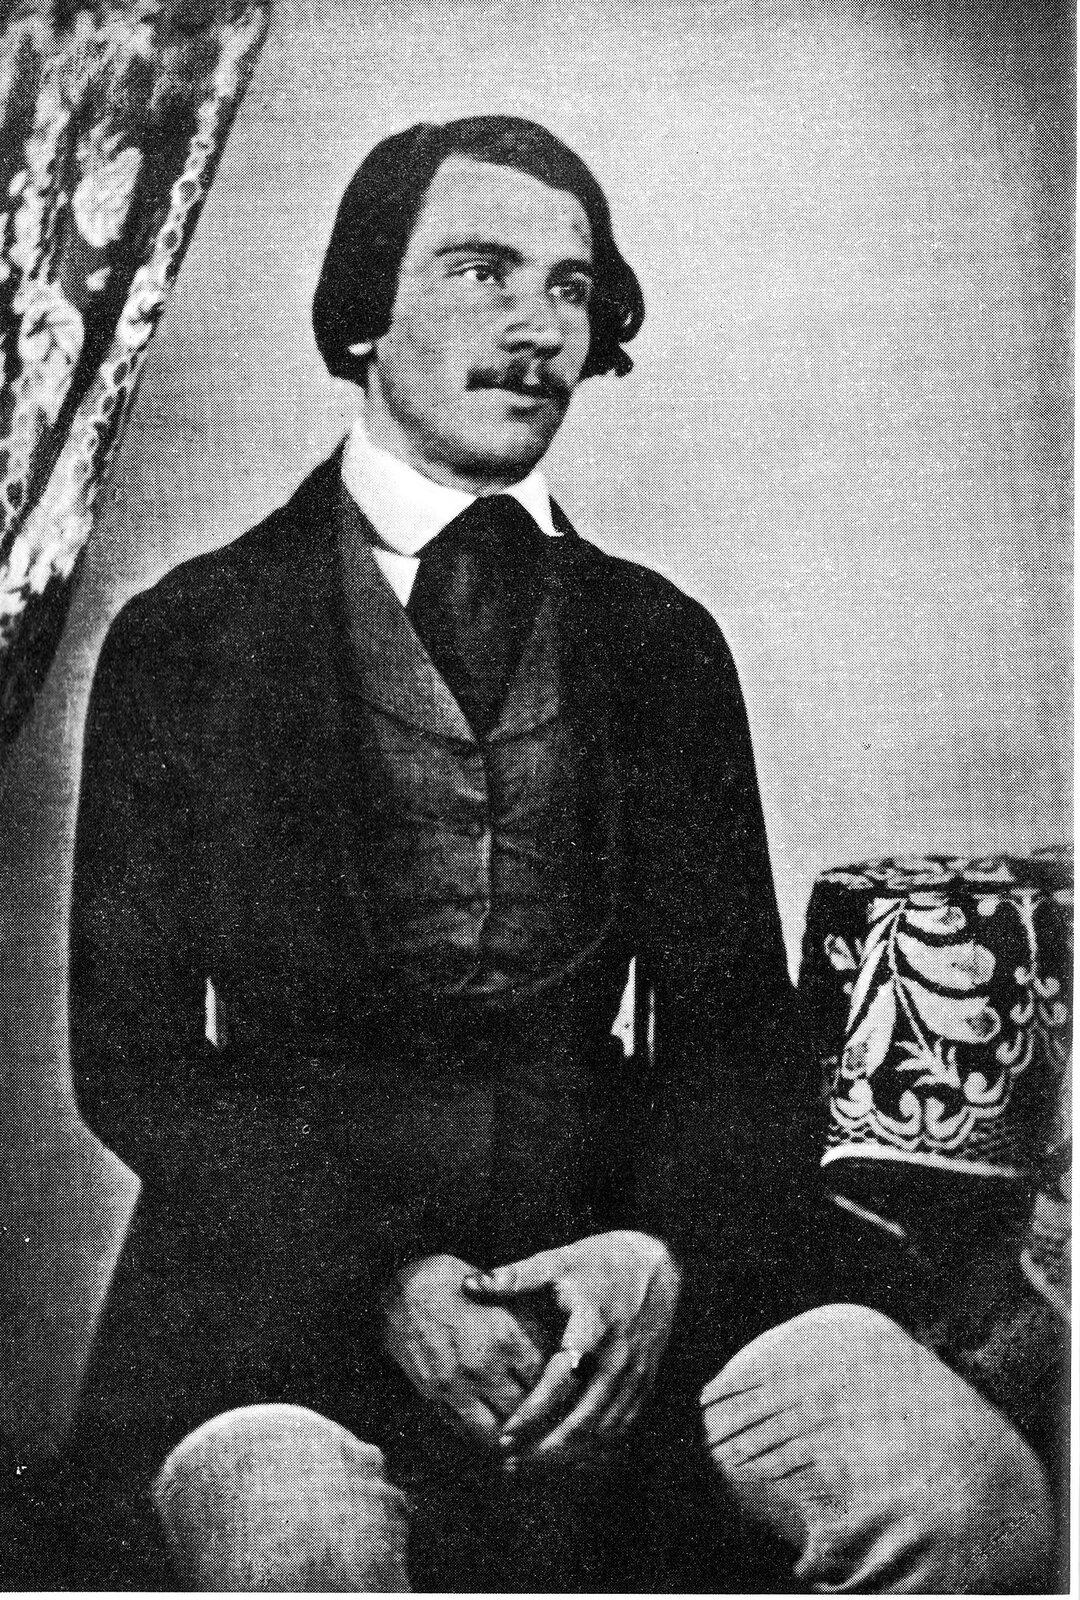 """Jacob Burckhardt (1818-1897) – szwajcarski historyk, upowszechniłokreślenie """"renesans"""" (""""odrodzenie"""") Jacob Burckhardt (1818-1897) – szwajcarski historyk, upowszechniłokreślenie """"renesans"""" (""""odrodzenie"""") Źródło: ok. 1840, Fotografia, domena publiczna."""